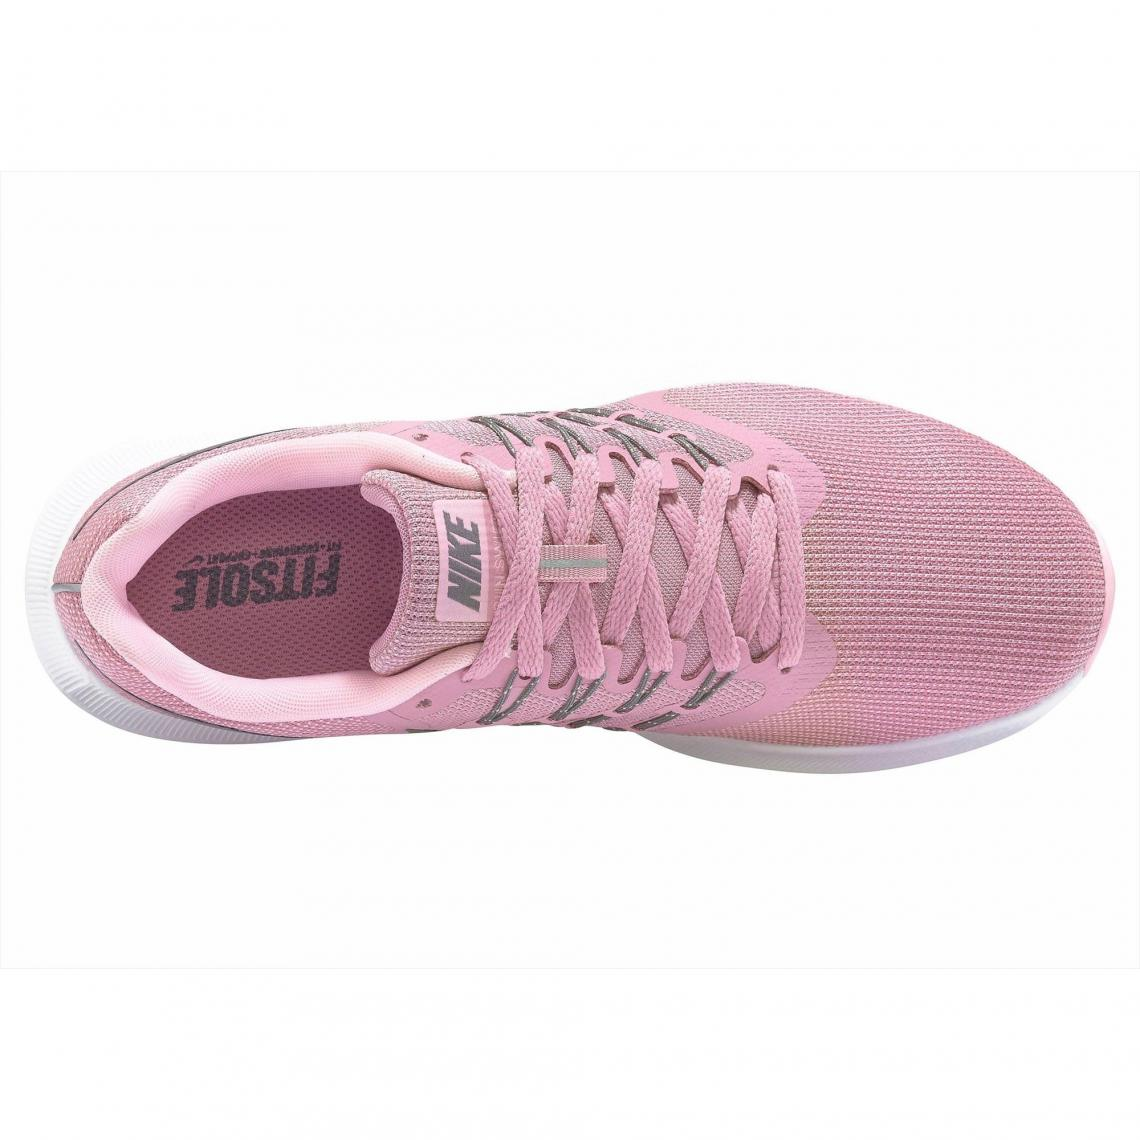 0140133ddce7 Baskets Nike Cliquez l image pour l agrandir. Chaussures de running femme  Nike Run Swift - Rose Sombre Nike